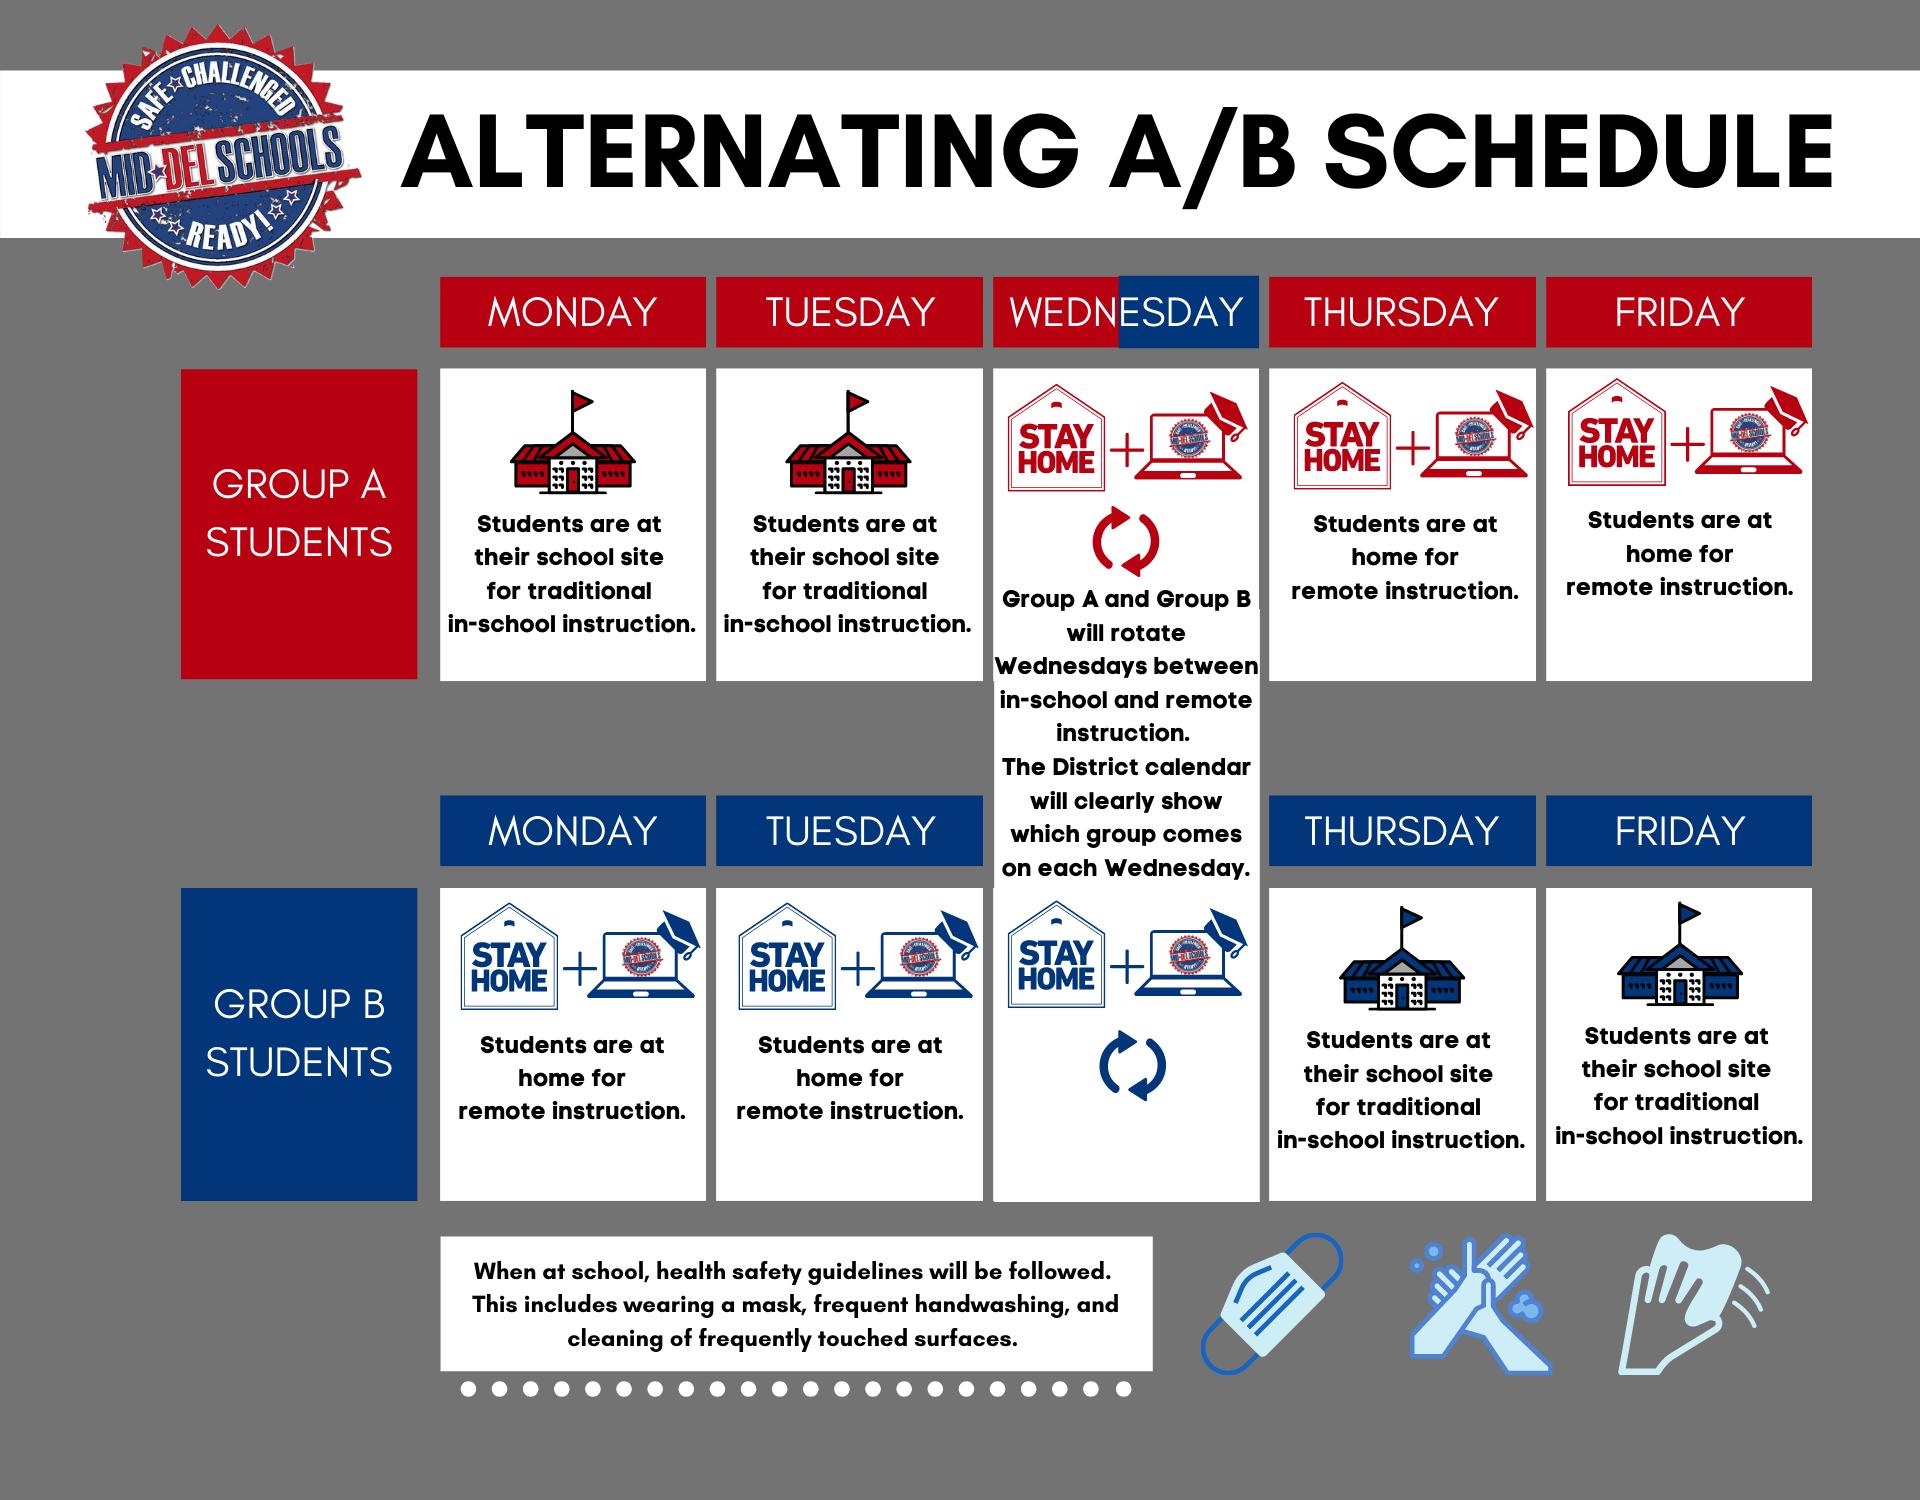 ALTERNATING A/B SCHEDULE